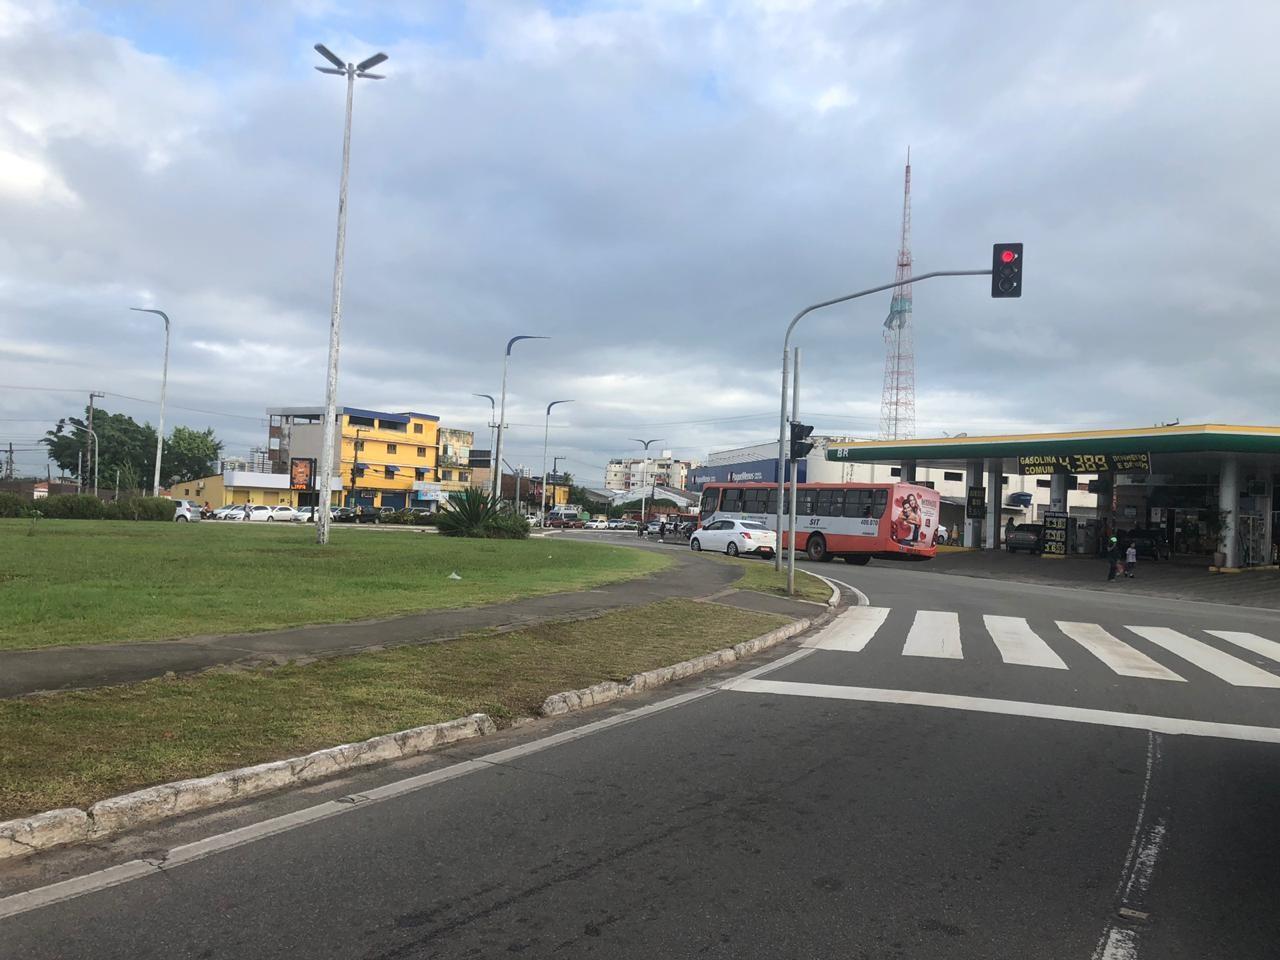 Rodoviários realizam paralisação no transporte público em São Luís - Notícias - Plantão Diário